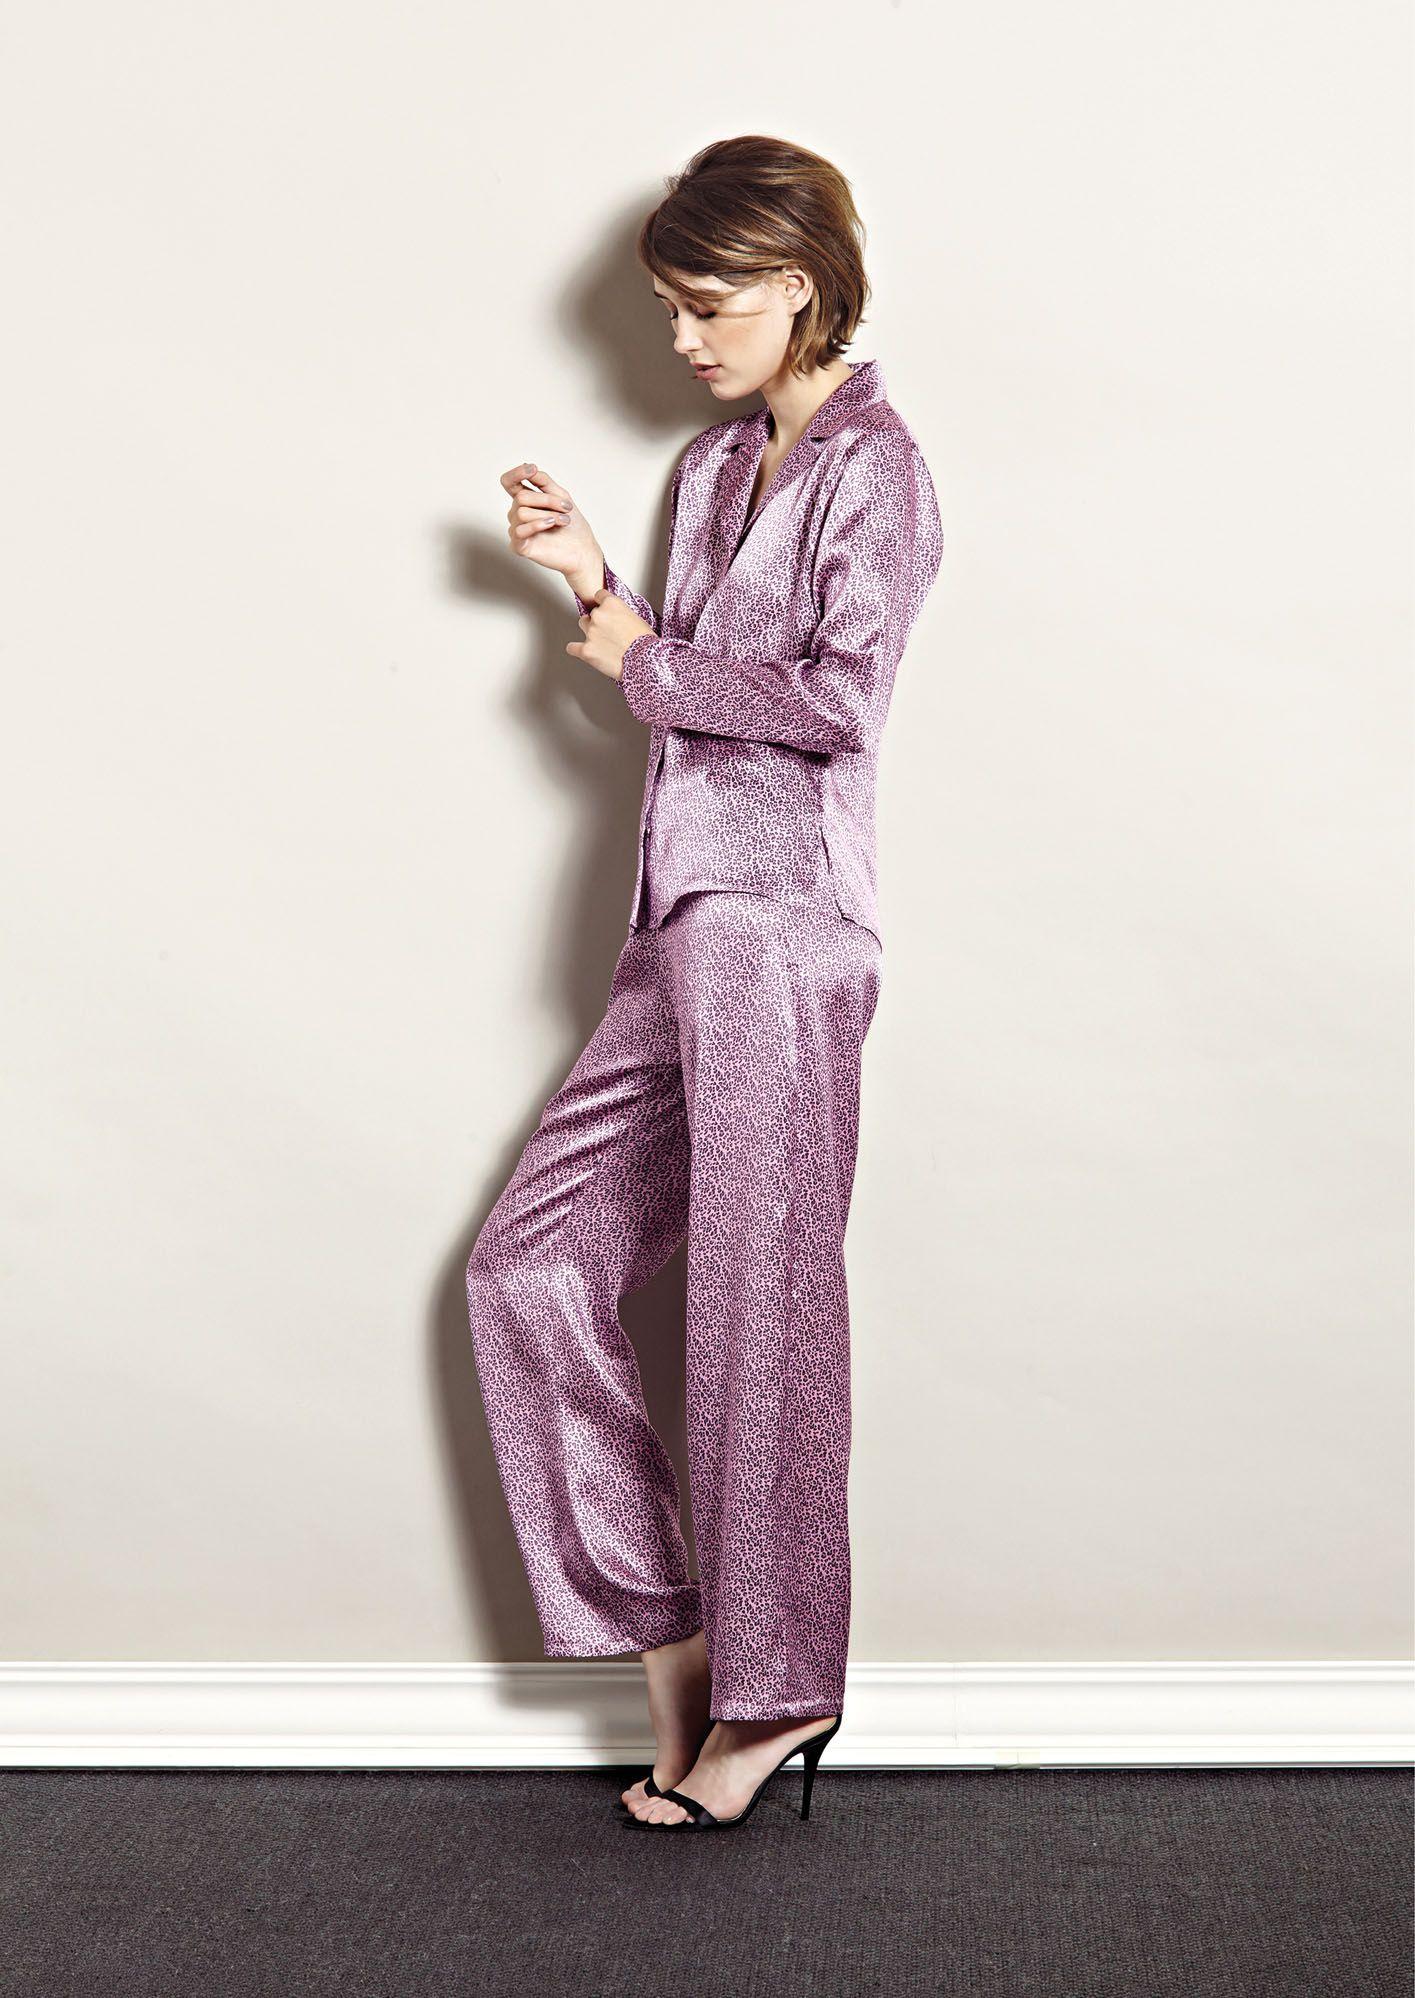 panth re rose pyjama ines de la fressange. Black Bedroom Furniture Sets. Home Design Ideas